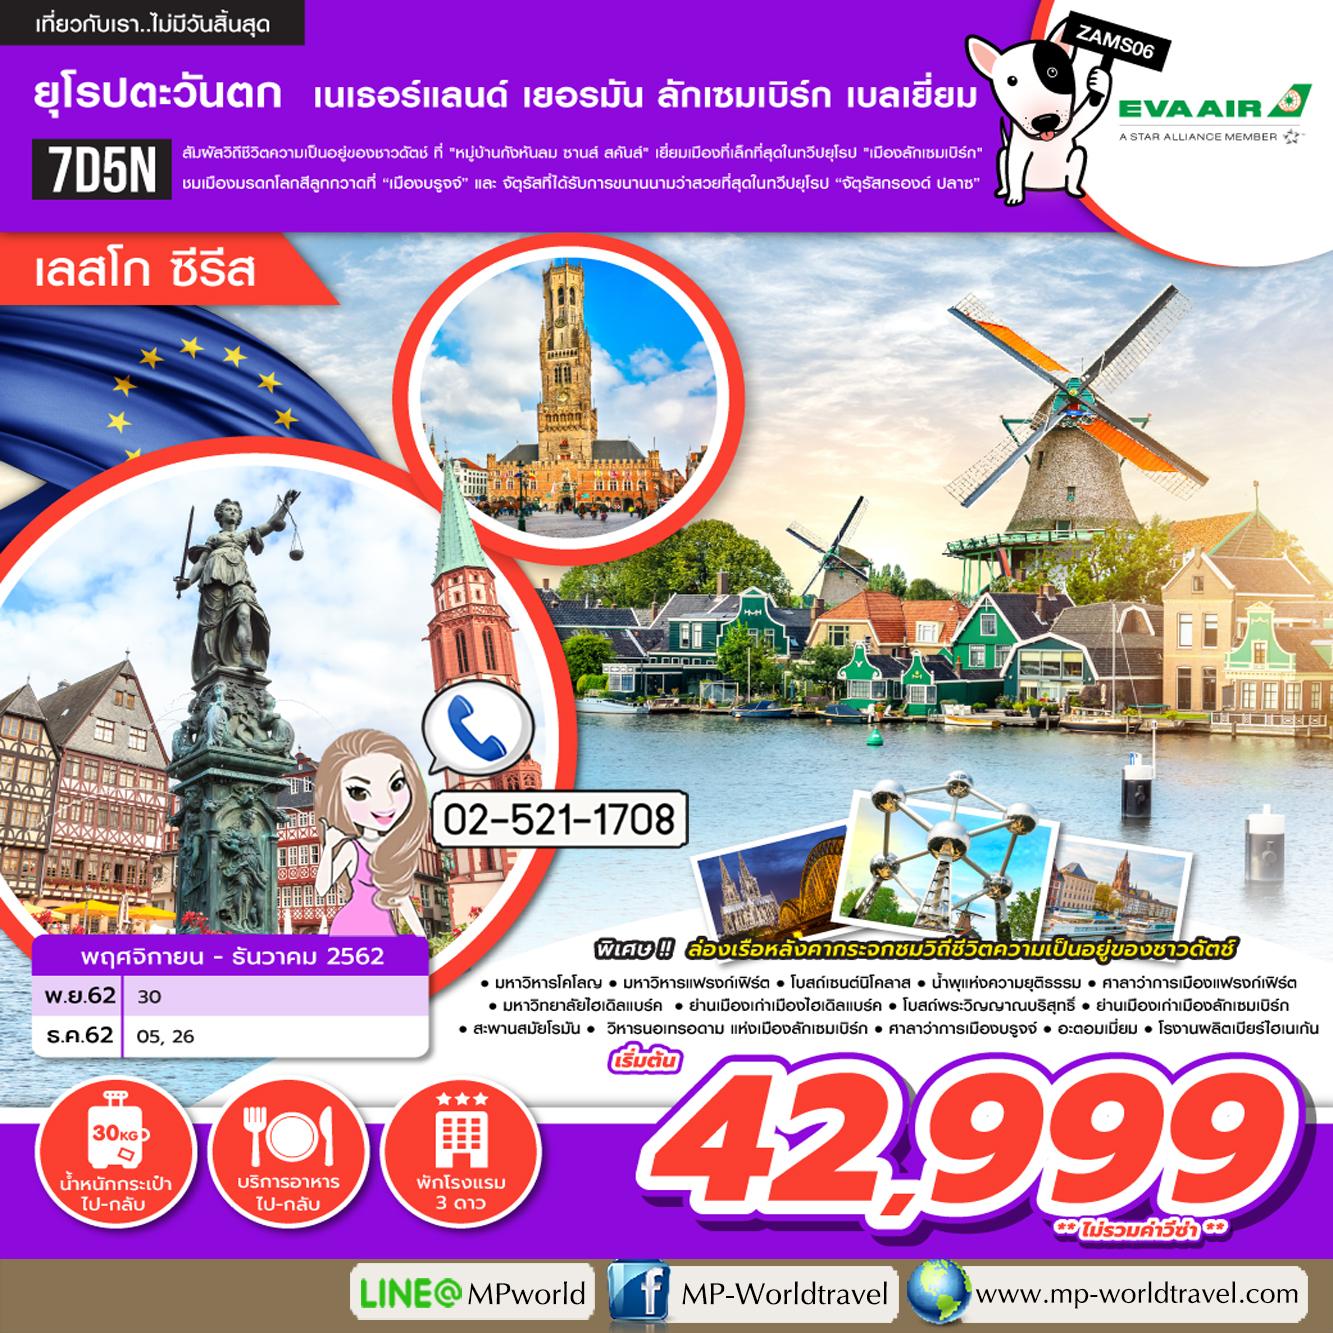 ZAMS06 ยุโรปตะวันตก เนเธอแลนด์ เยอรมัน ลักเซมเบิร์ก เบลเยี่ยม เลสโก ซีรีส 7D 5N BY BR